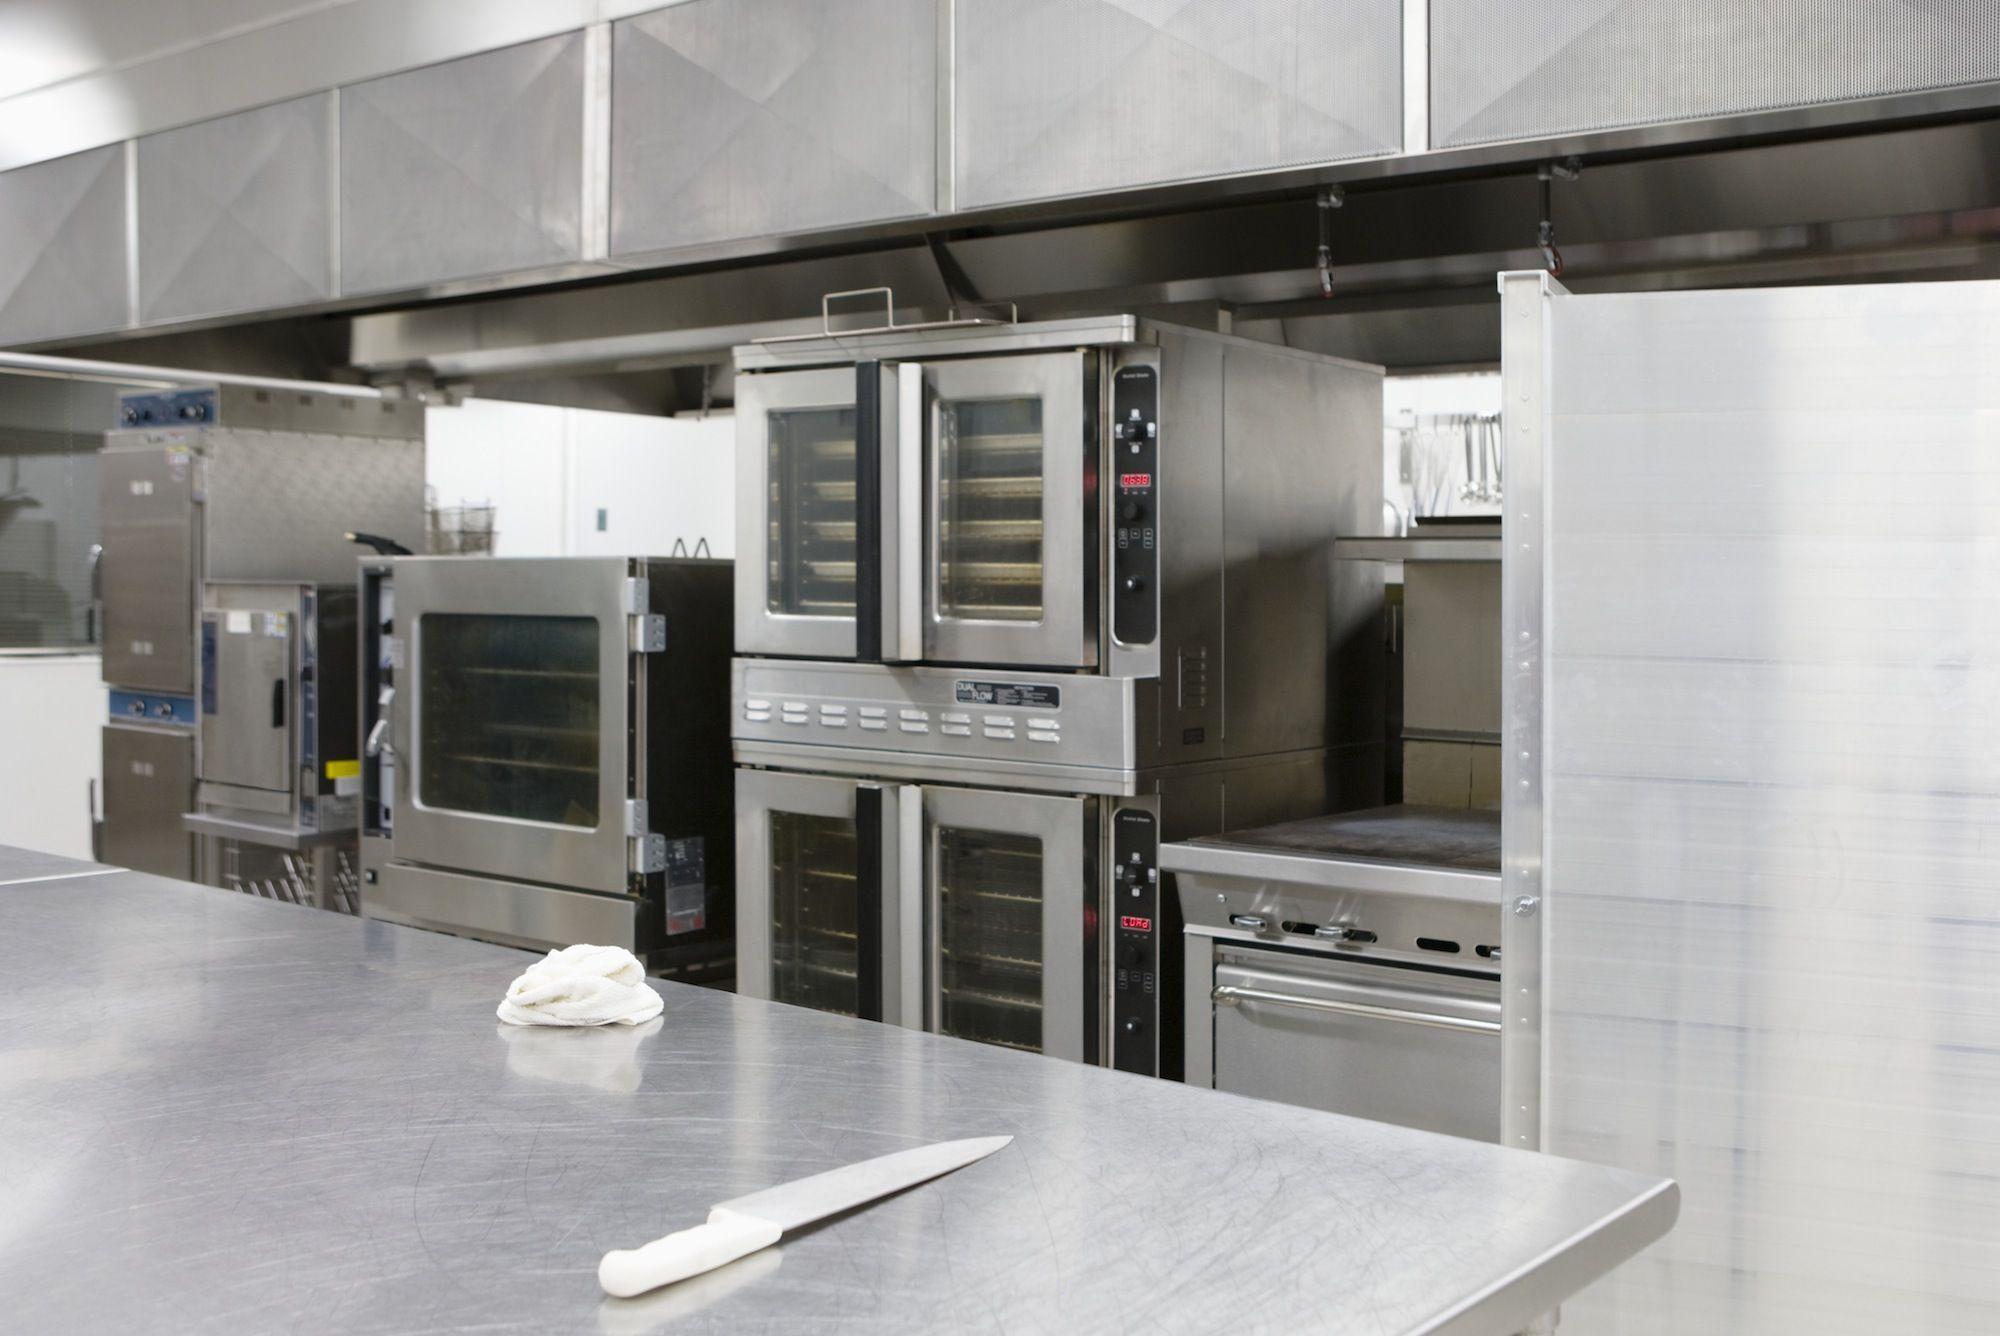 Commercial Refrigerator Repair Company Clarkston GA